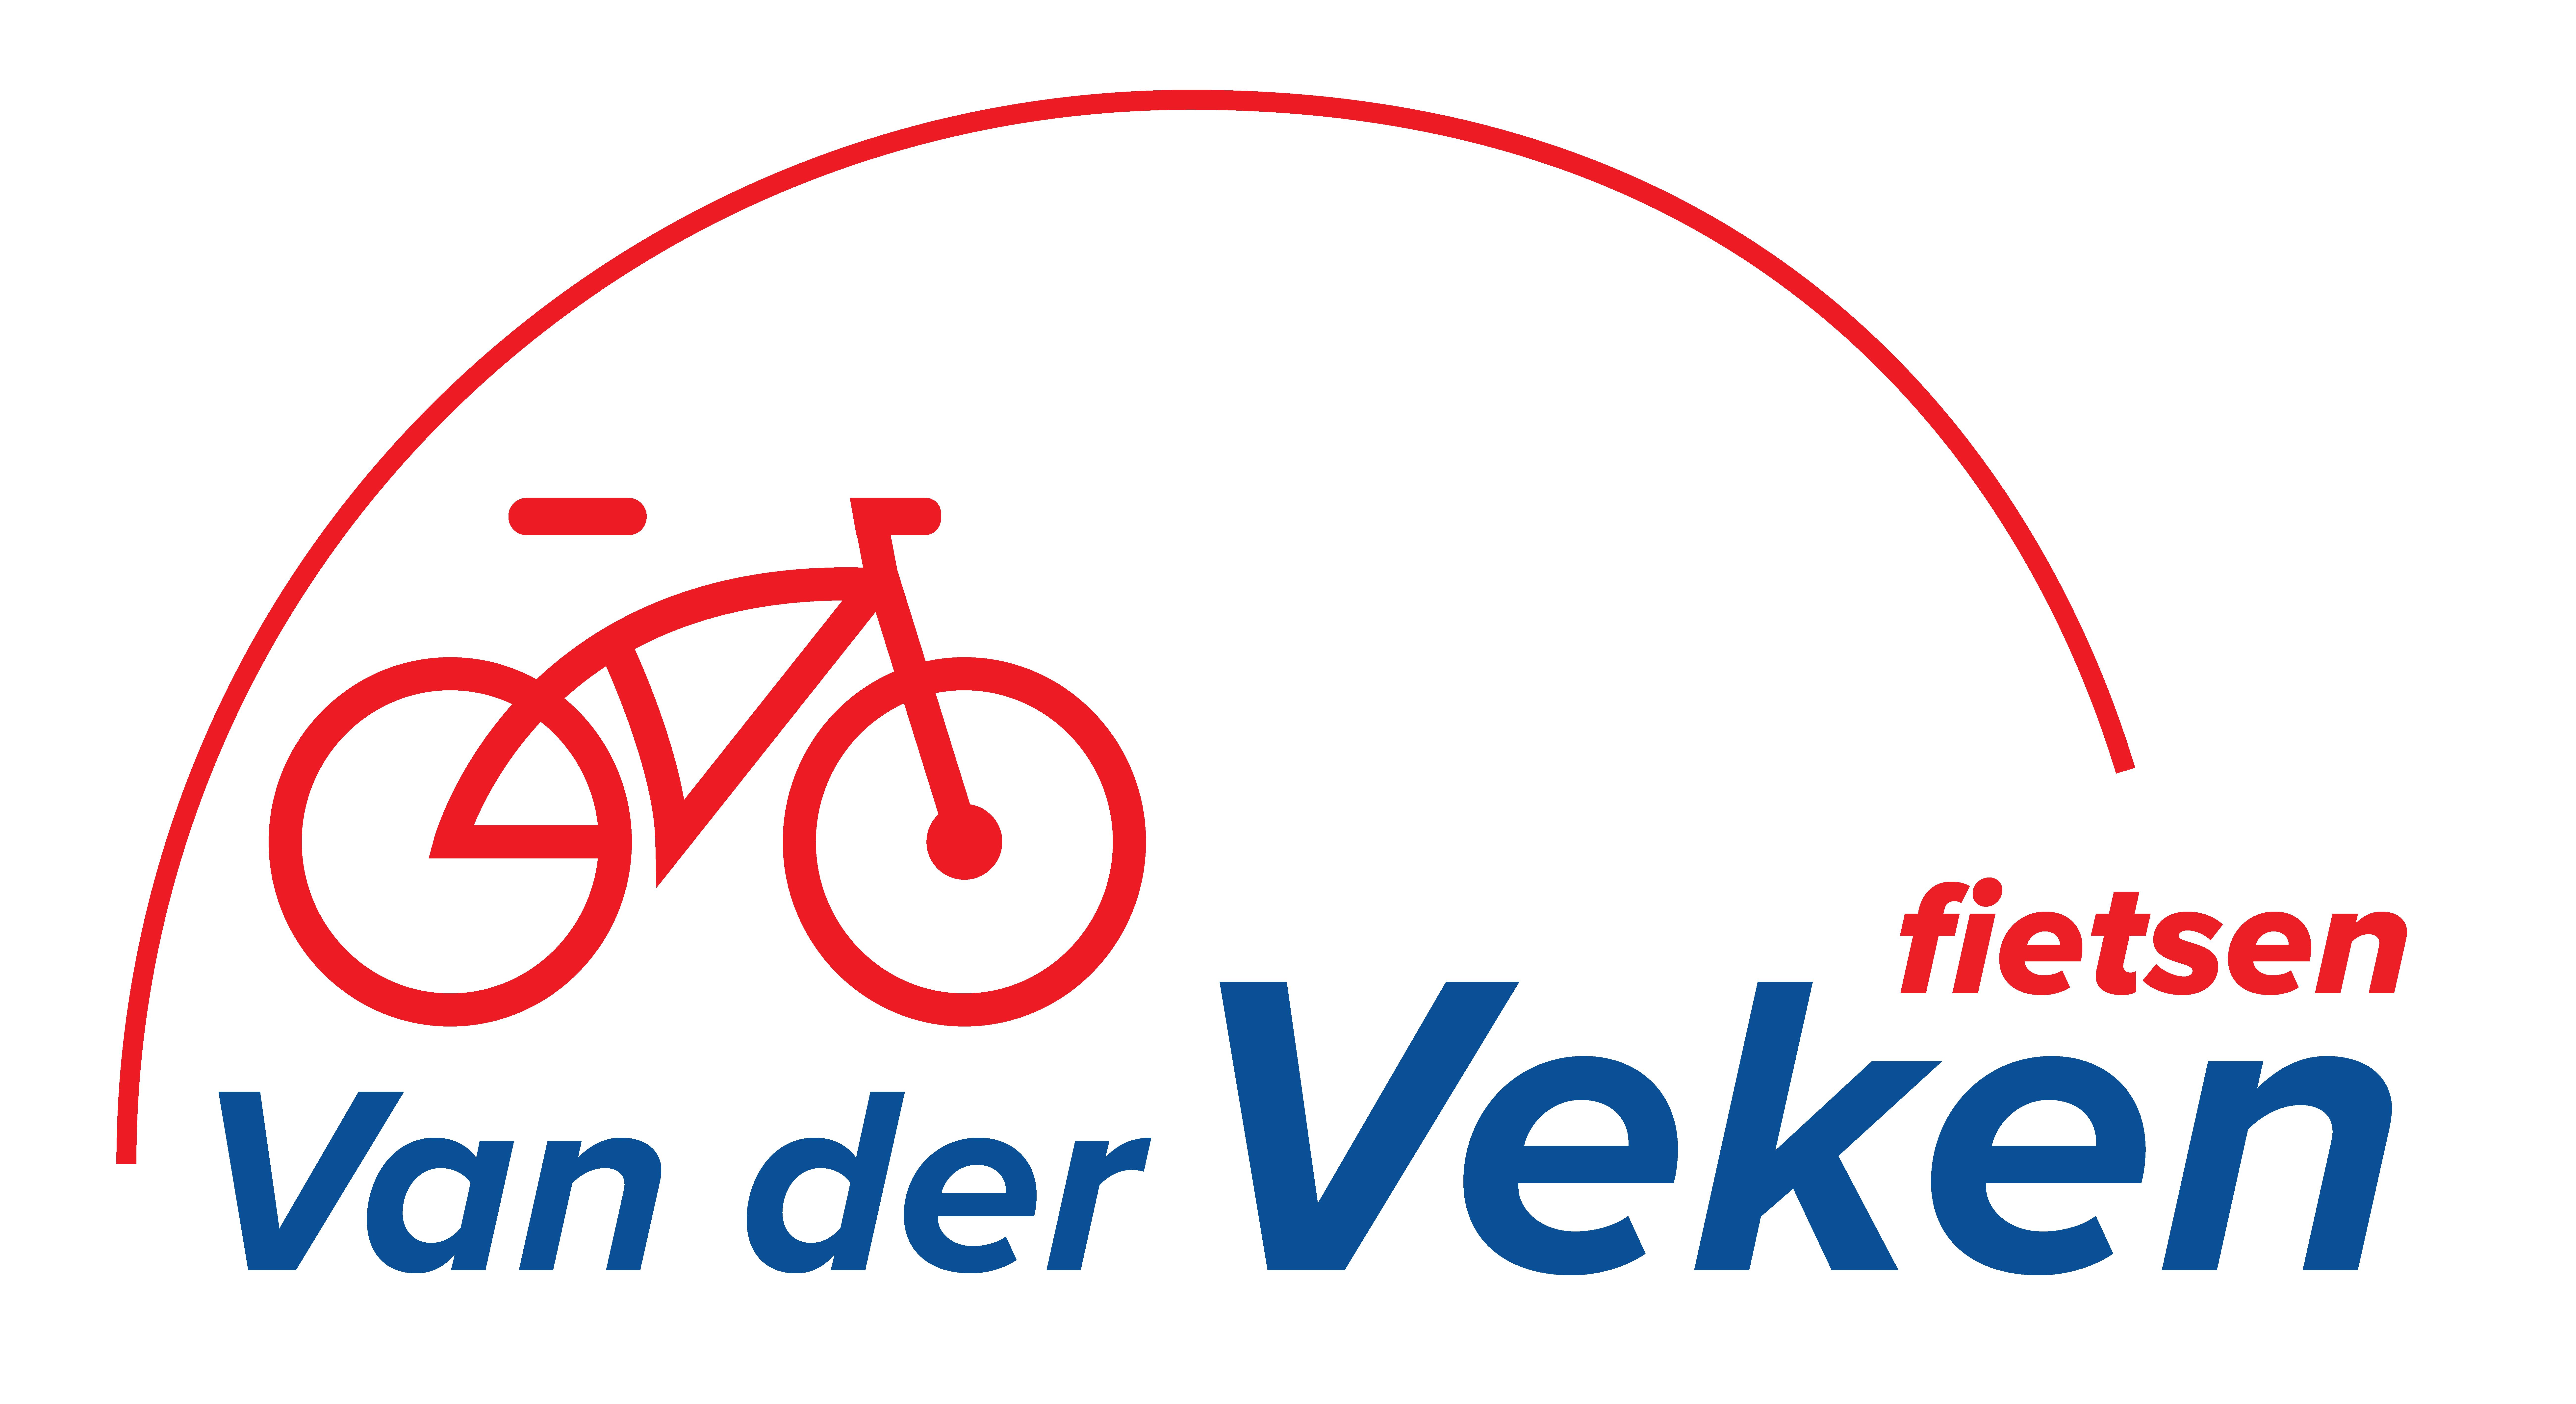 veken logo